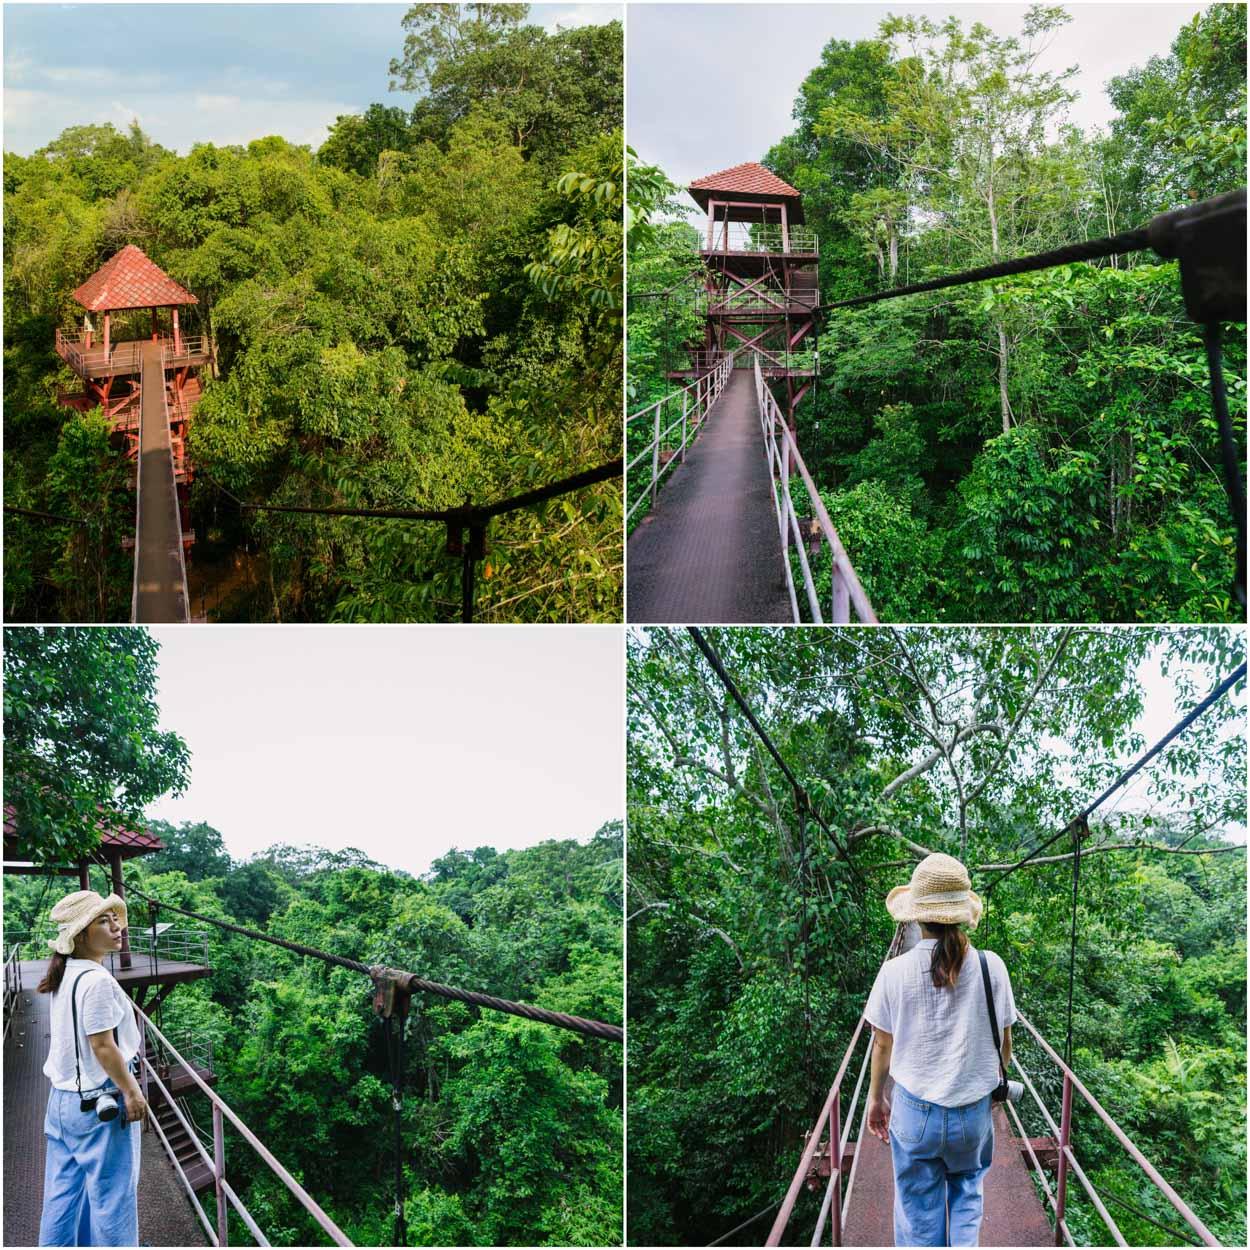 ปักหมุดเช็คอิน ทุ่งค่าย ให้ธรรมชาติดูแลคุณกับความสวยของต้นไม้และภูเขา ลมเย็นๆในยามเช้ากับสะพานที่ยาวสวยงาม